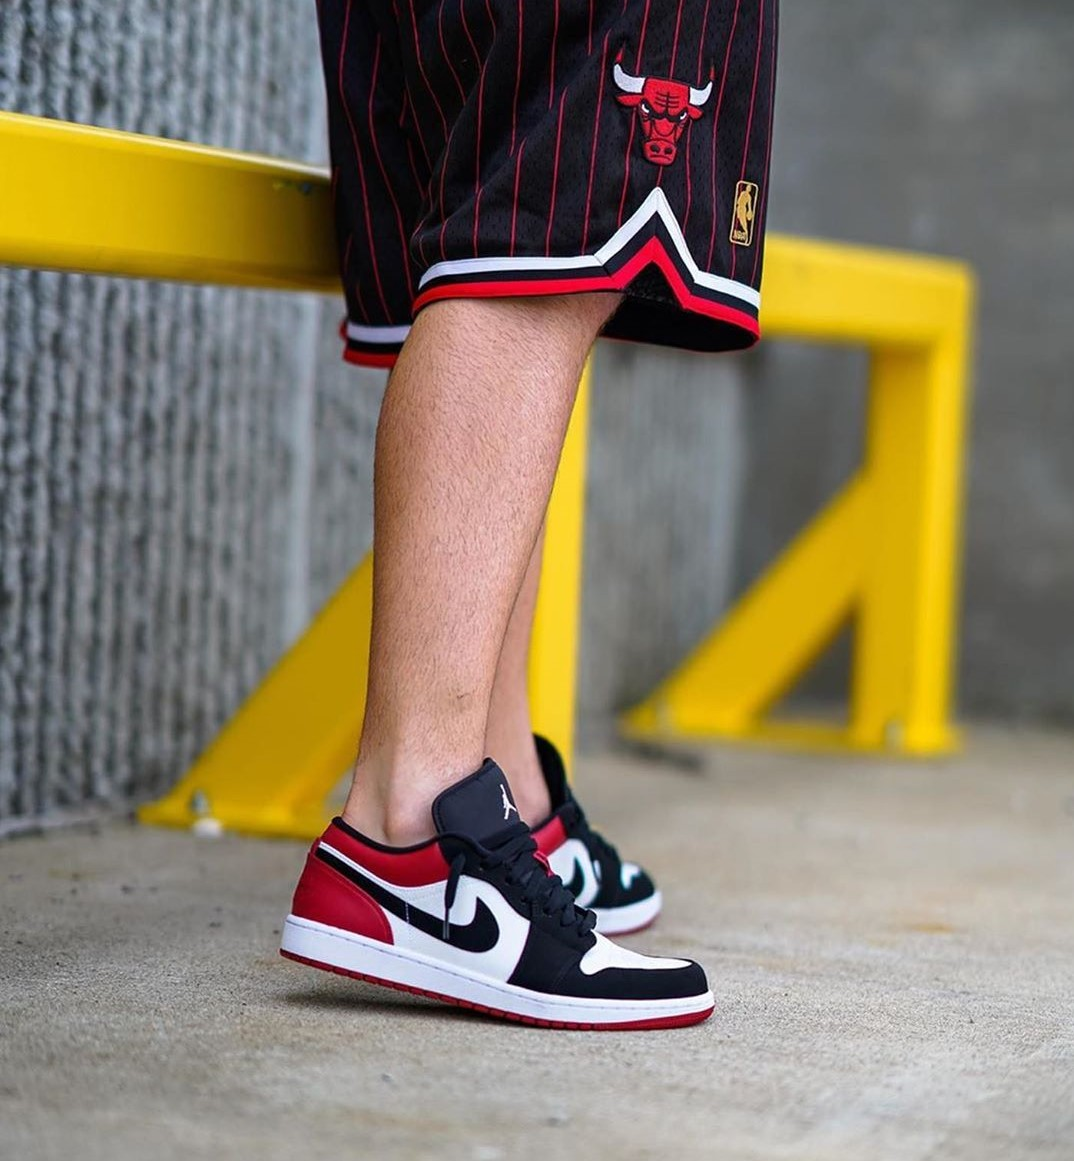 Restock Of The Jordan 1 Low 'Black Toe